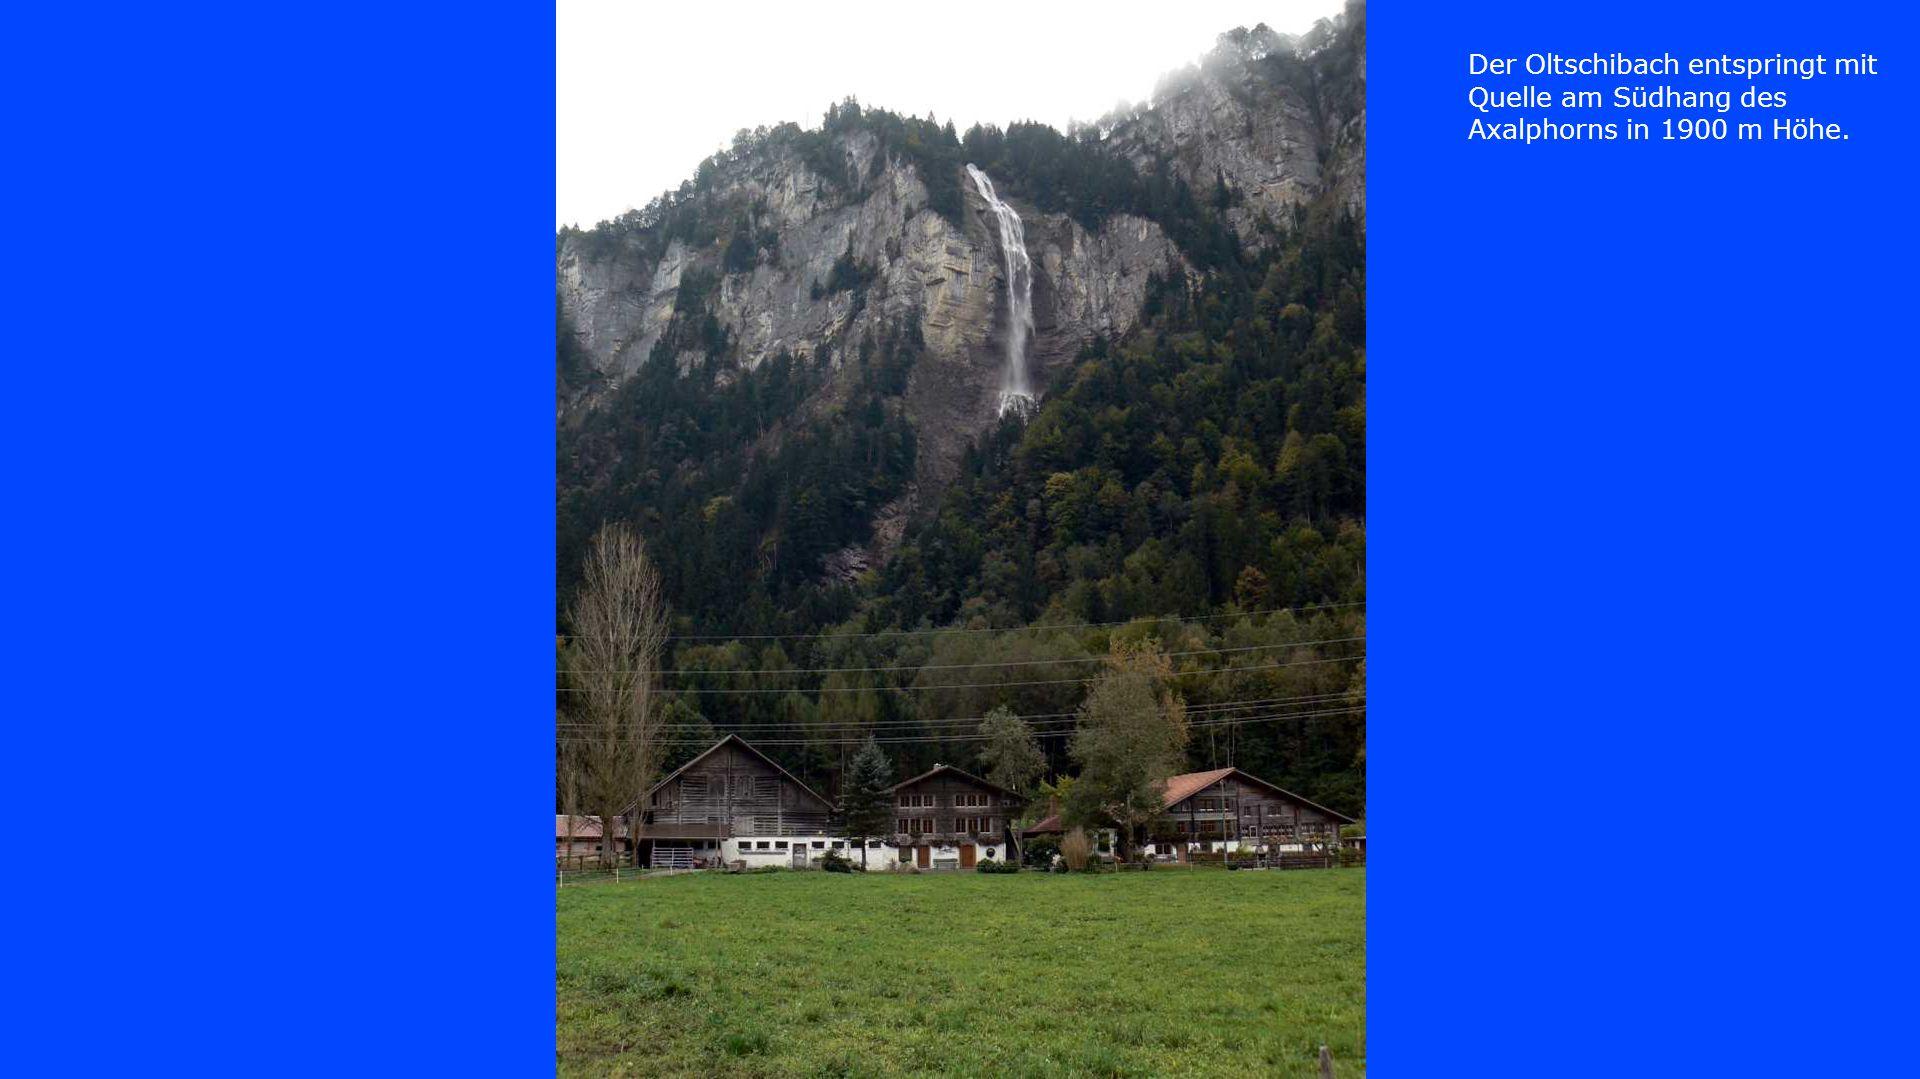 Der Oltschibach entspringt mit Quelle am Südhang des Axalphorns in 1900 m Höhe.